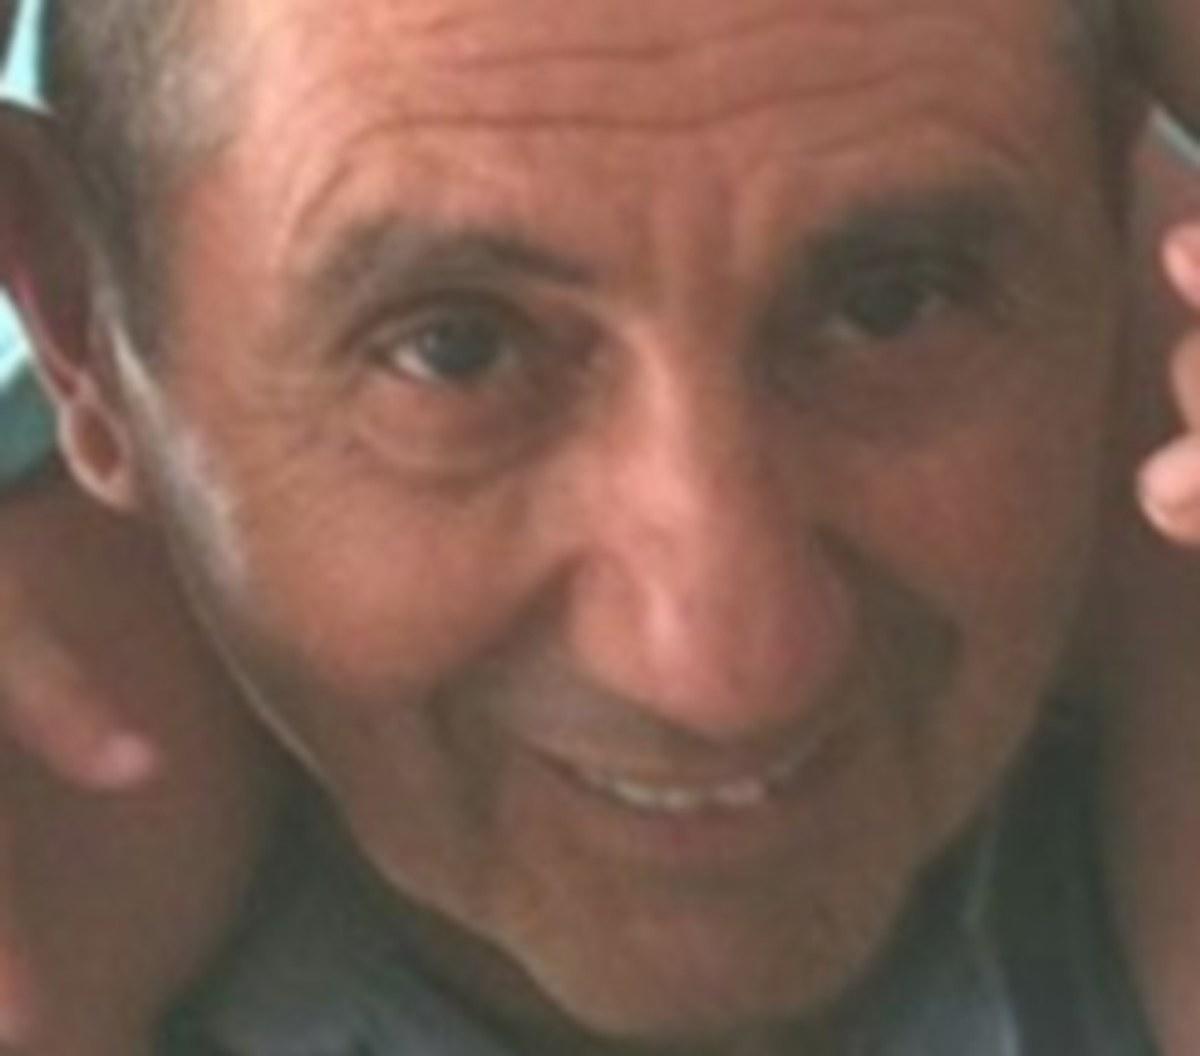 Καβάλα: Βρέθηκε νεκρός κάτω από μία βάρκα ο Ιωάννης Τσιμπρικίδης – Τραγική κατάληξη στις έρευνες!